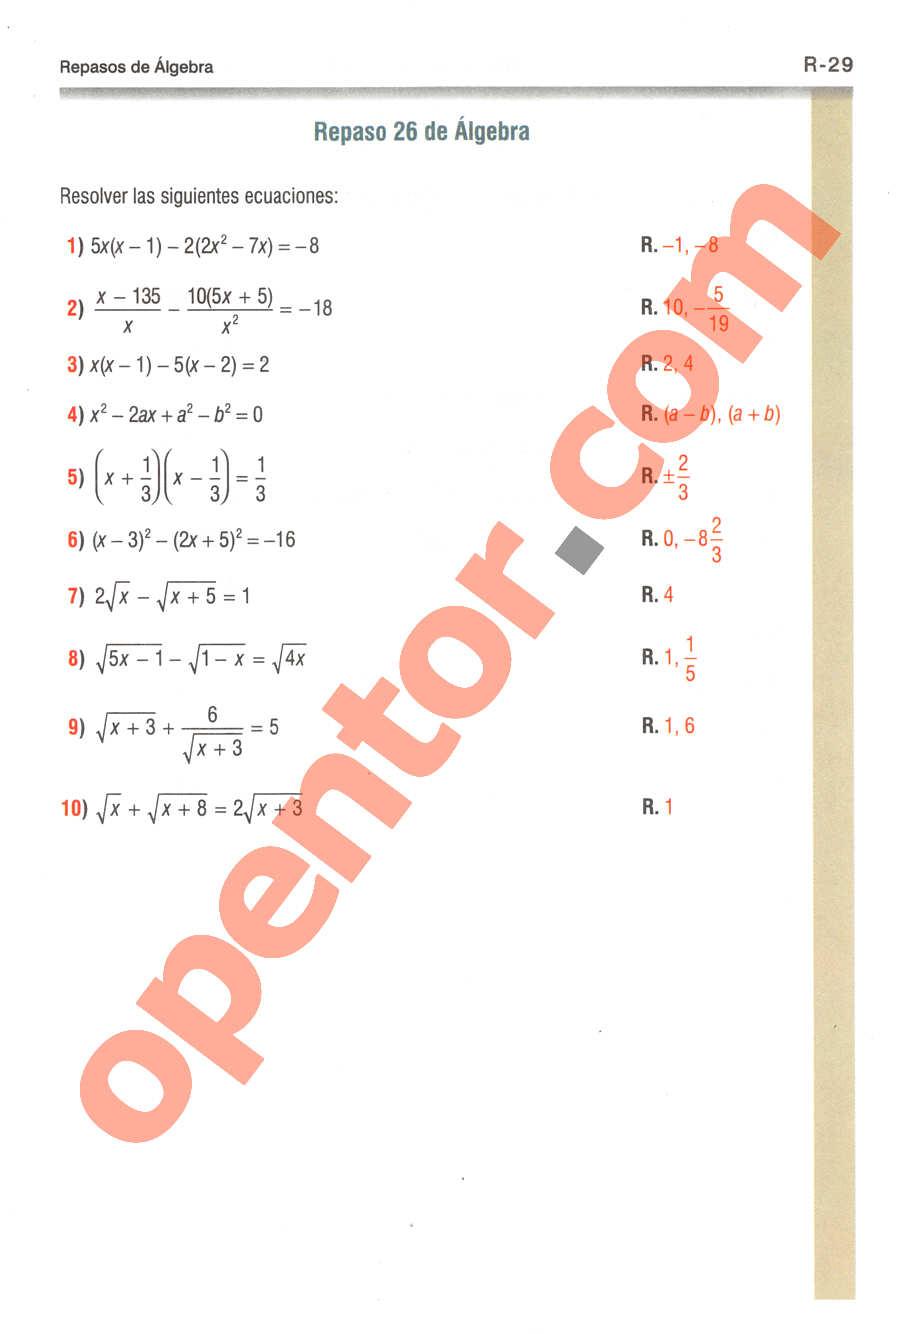 Geometría y Trigonometría de Baldor - Página R29